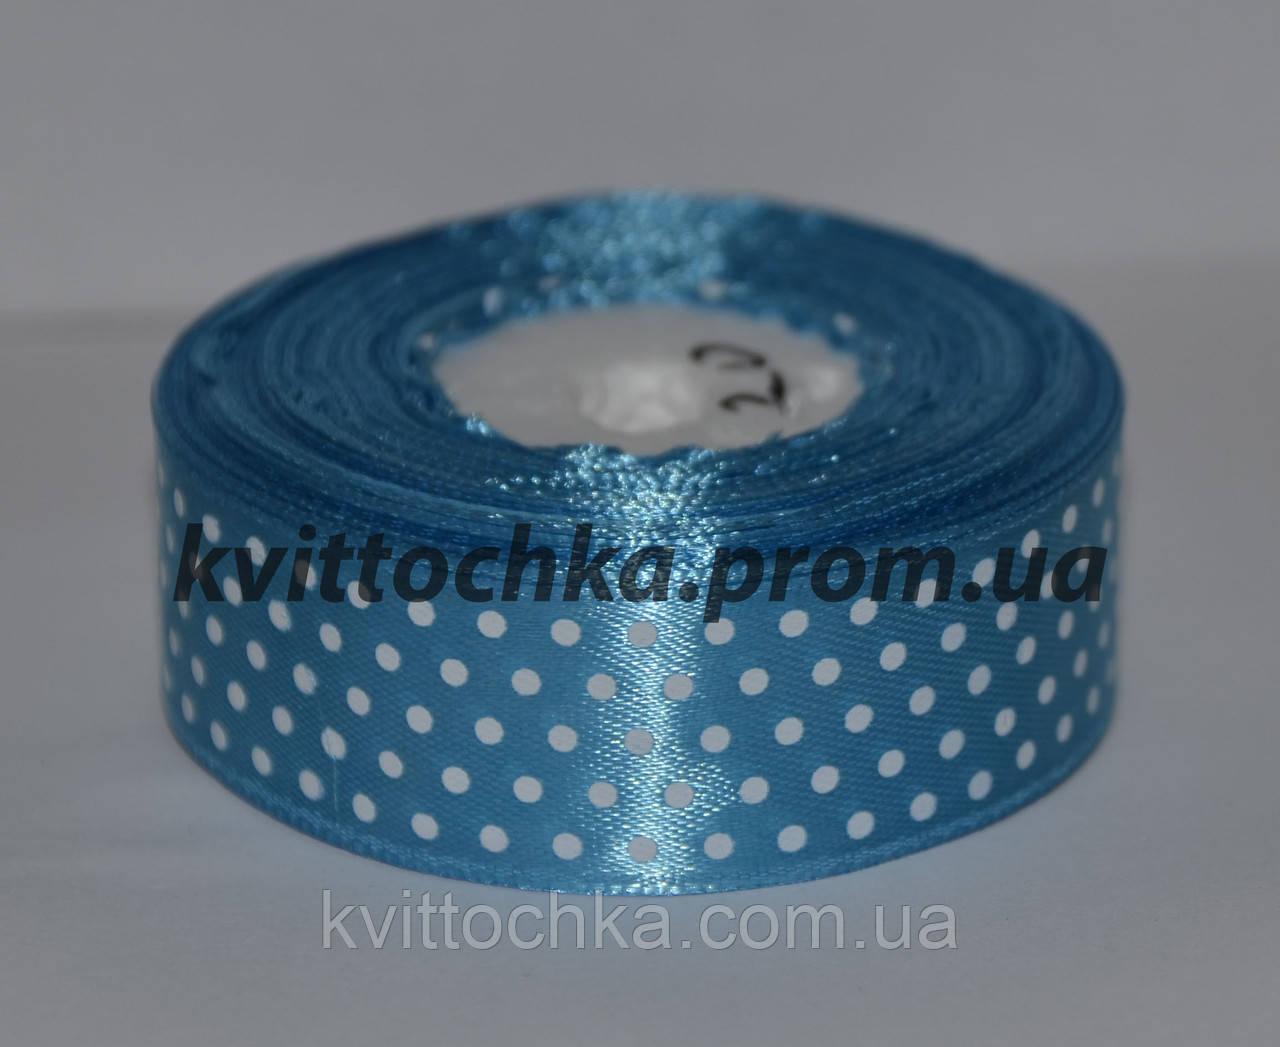 Атласная лента в горошек 2,5 см (23 м), цвет - голубой